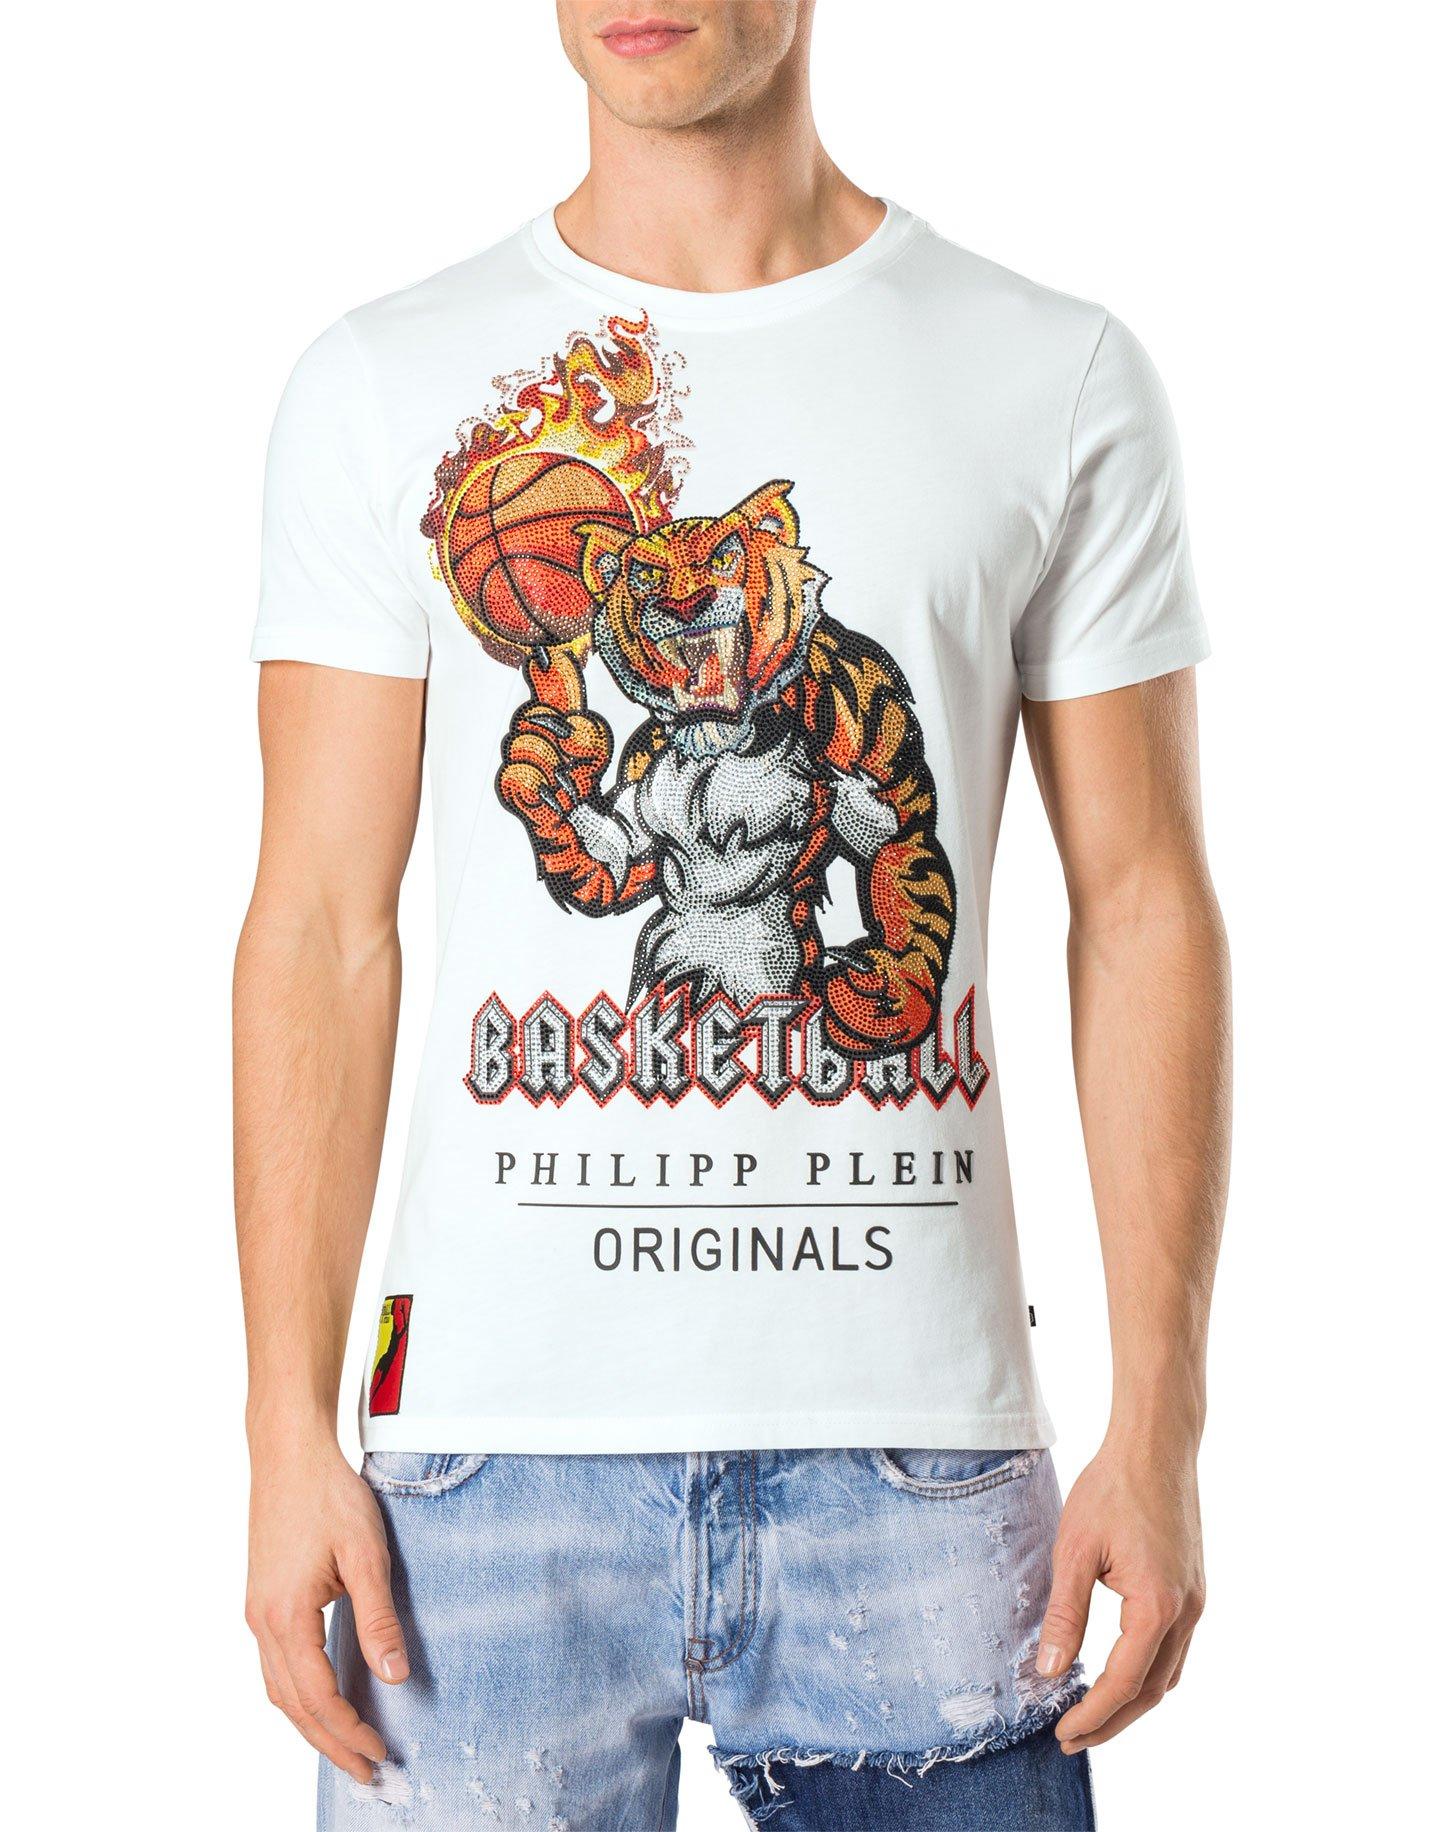 PHILIPP PLEIN - Men's T-shirt BEAU - white, M